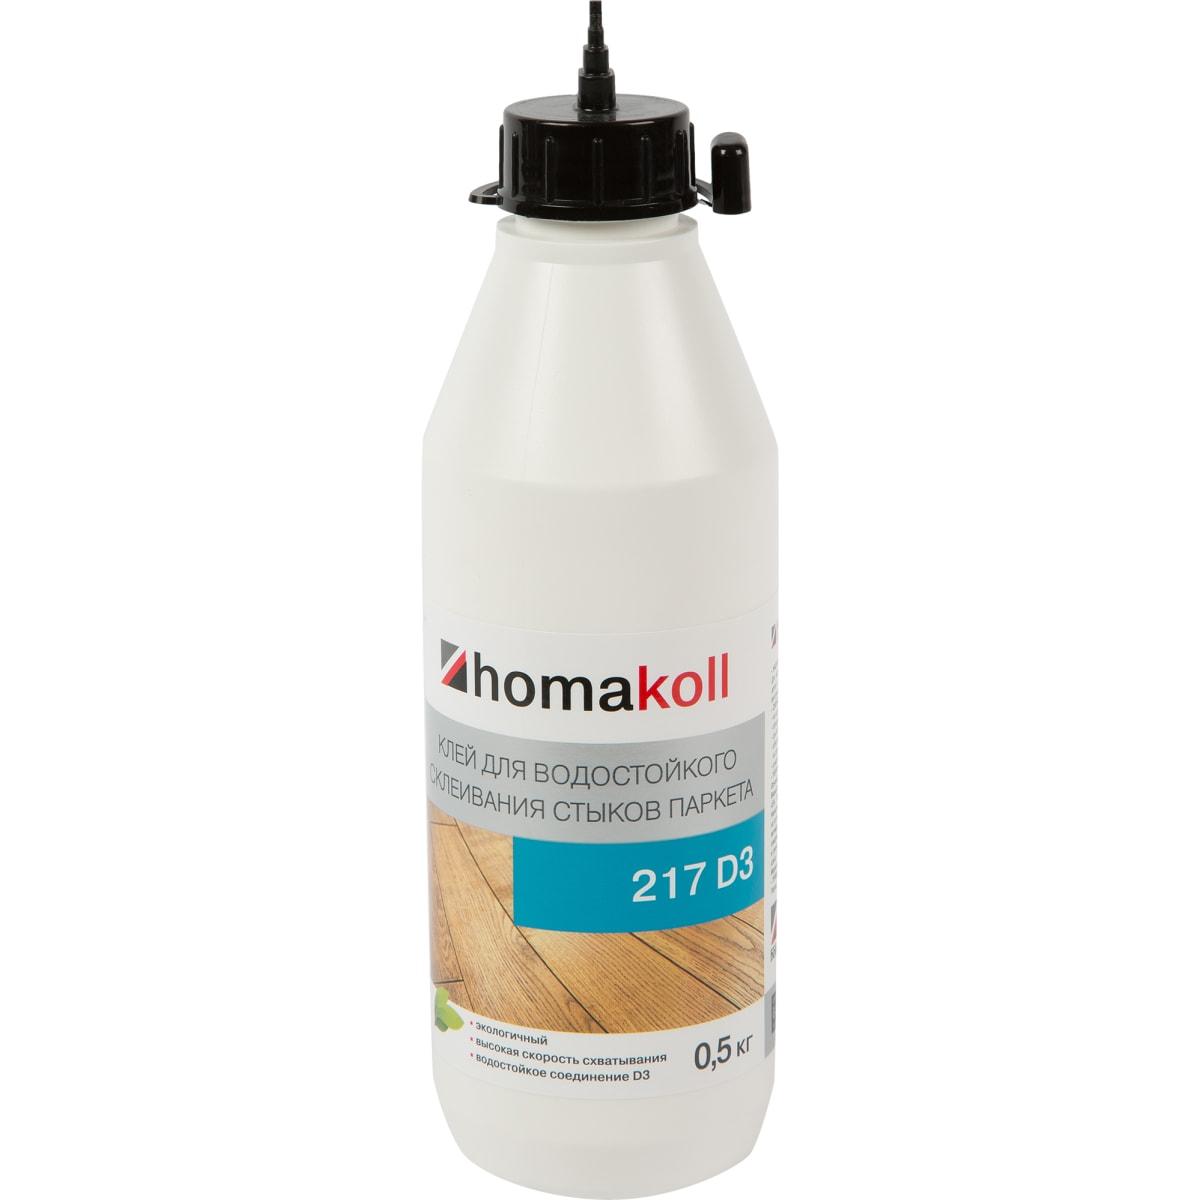 Клей  для стыков паркетной доски Хомакол (Homakoll) 0.5 кг